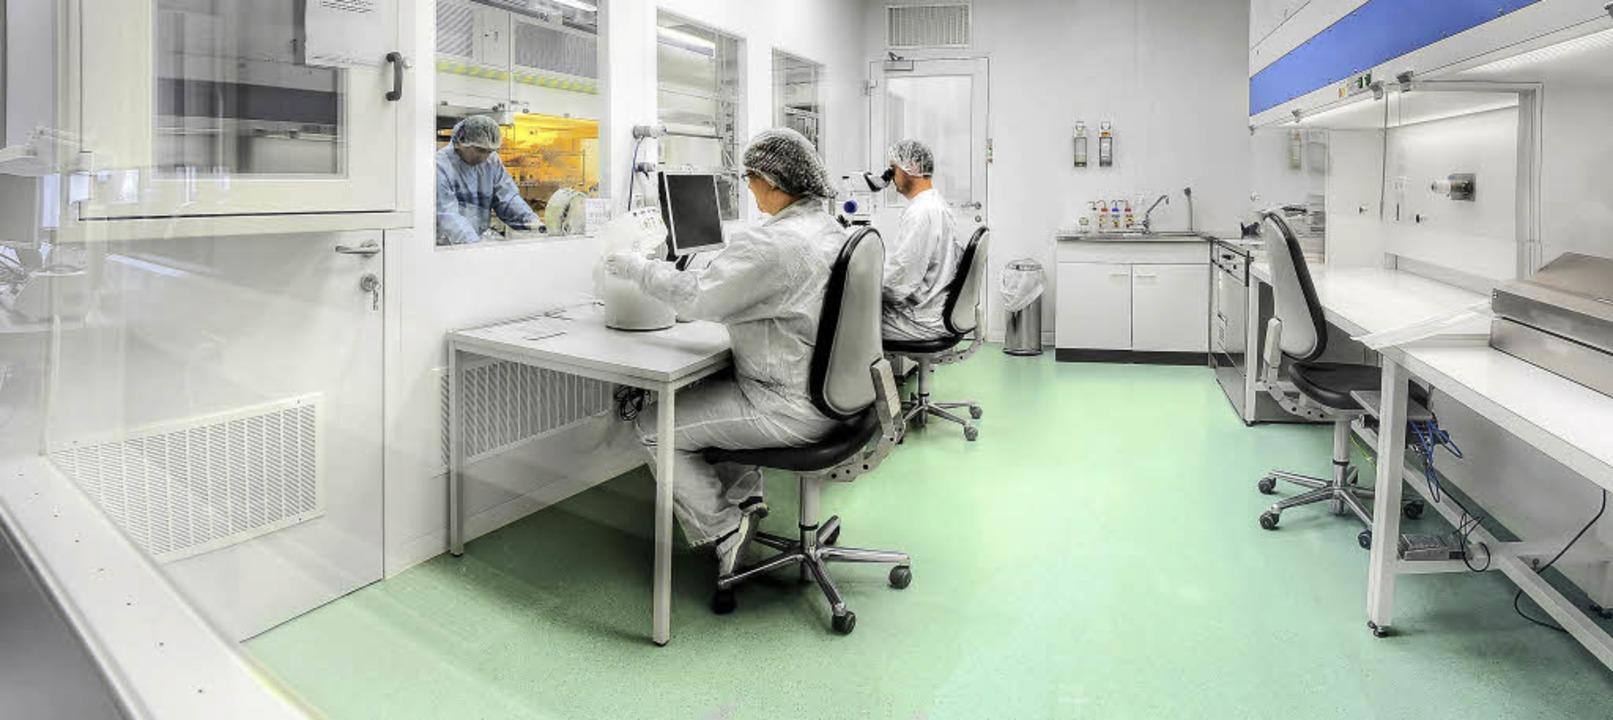 Präzisionsarbeit im Reinraum: Hier ent...roimplantate der nächsten Generation.   | Foto: Cortec GmbH, anfe